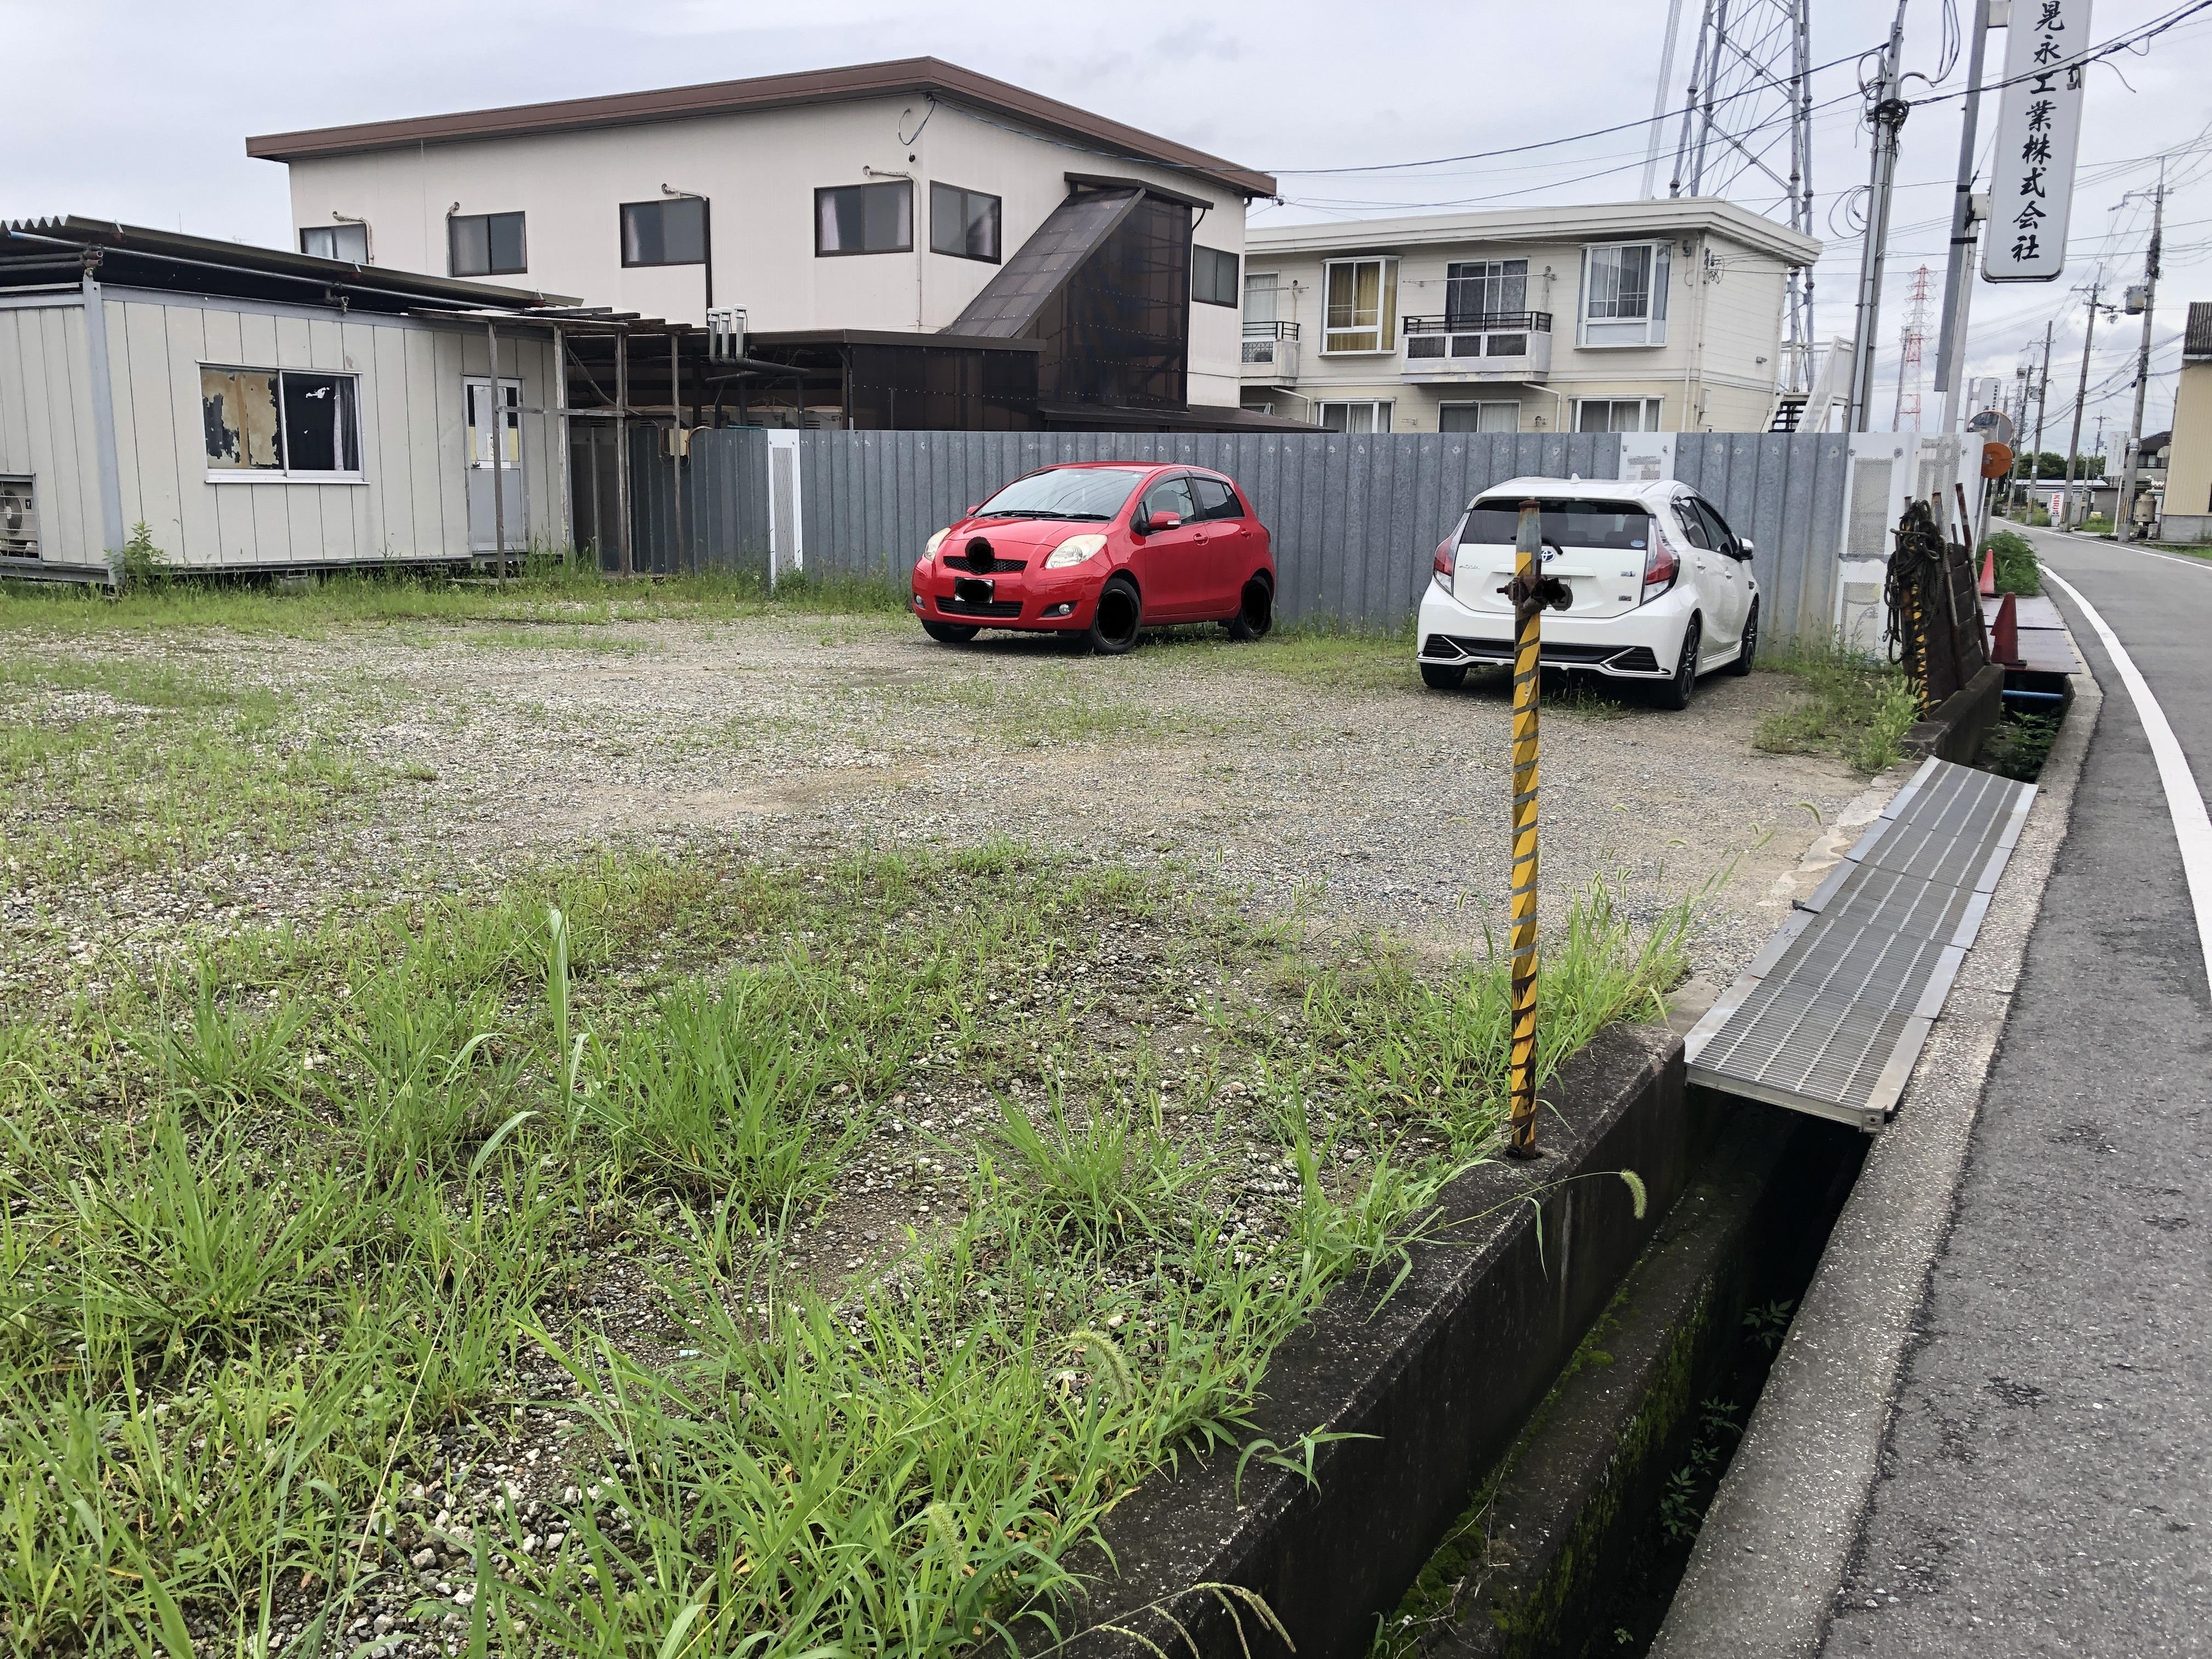 駐車可能なスペース 壁側に車のような配置になります。